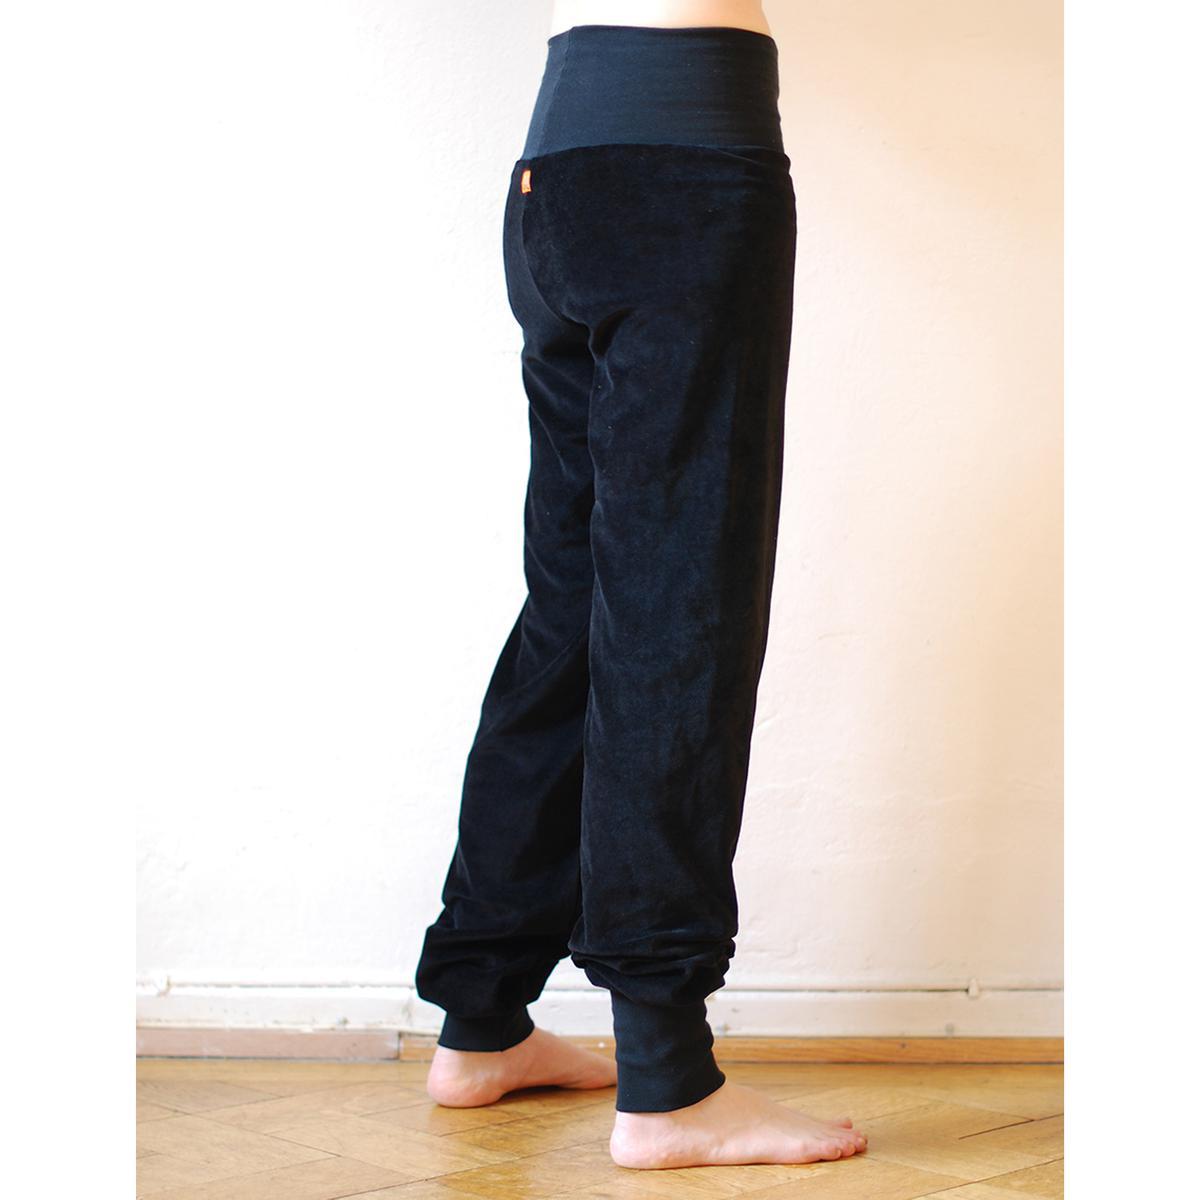 919c5307f2b7 Cmig Velourbyxor dam svart - Dam byxor bestellen - cmig - ekologiska kläder  / handtryckta tröjor och ateljésydda byxor från hannover